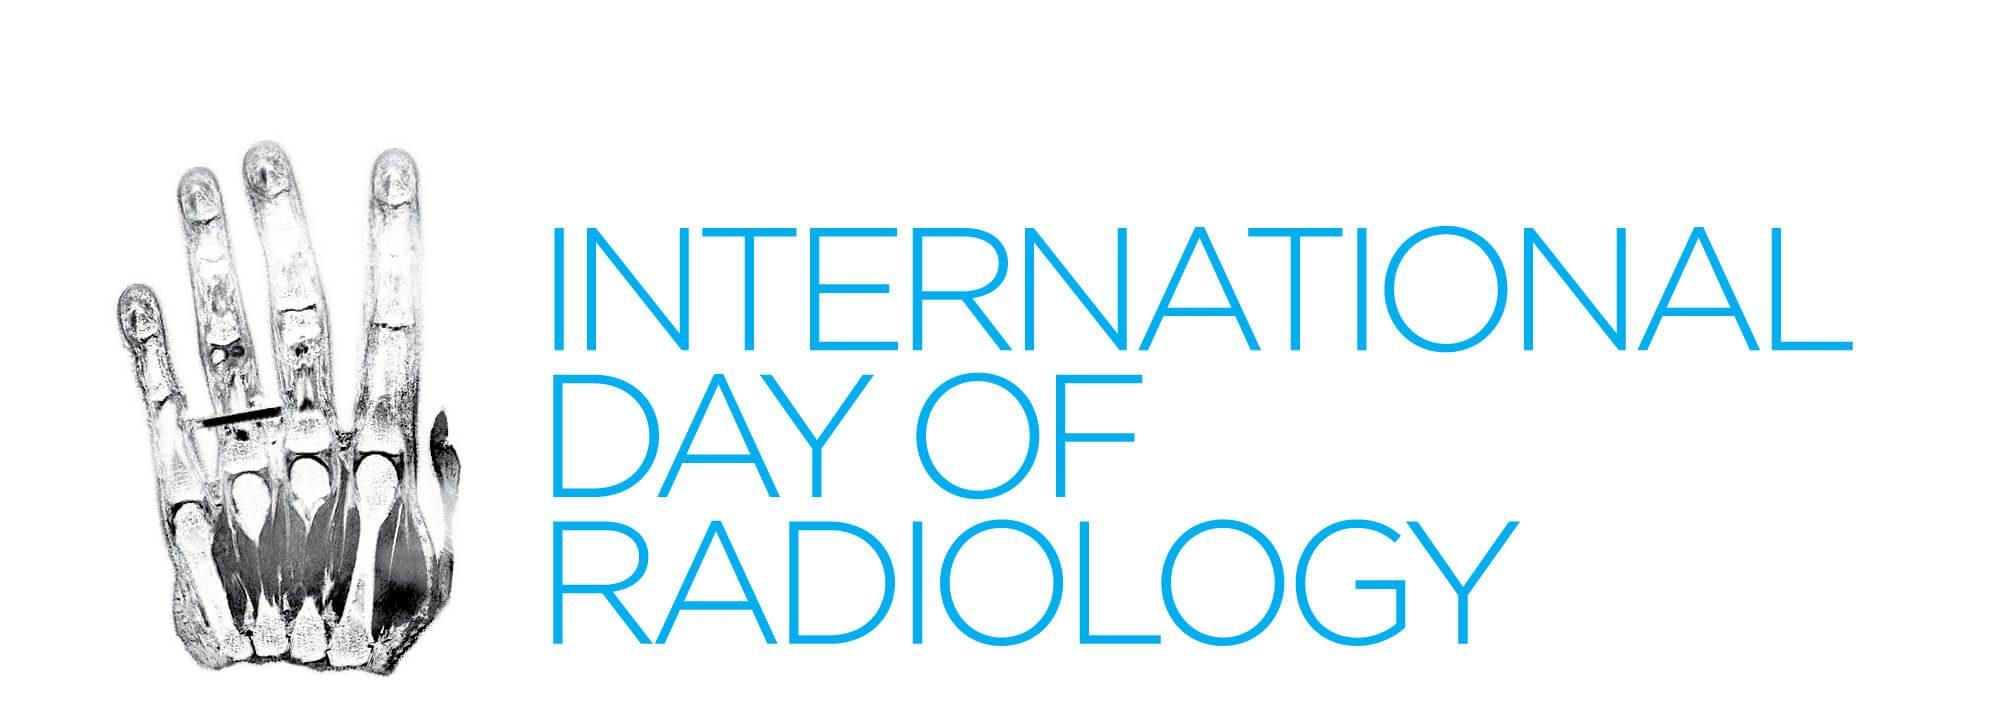 International Day of Radiology – November 8, 2020